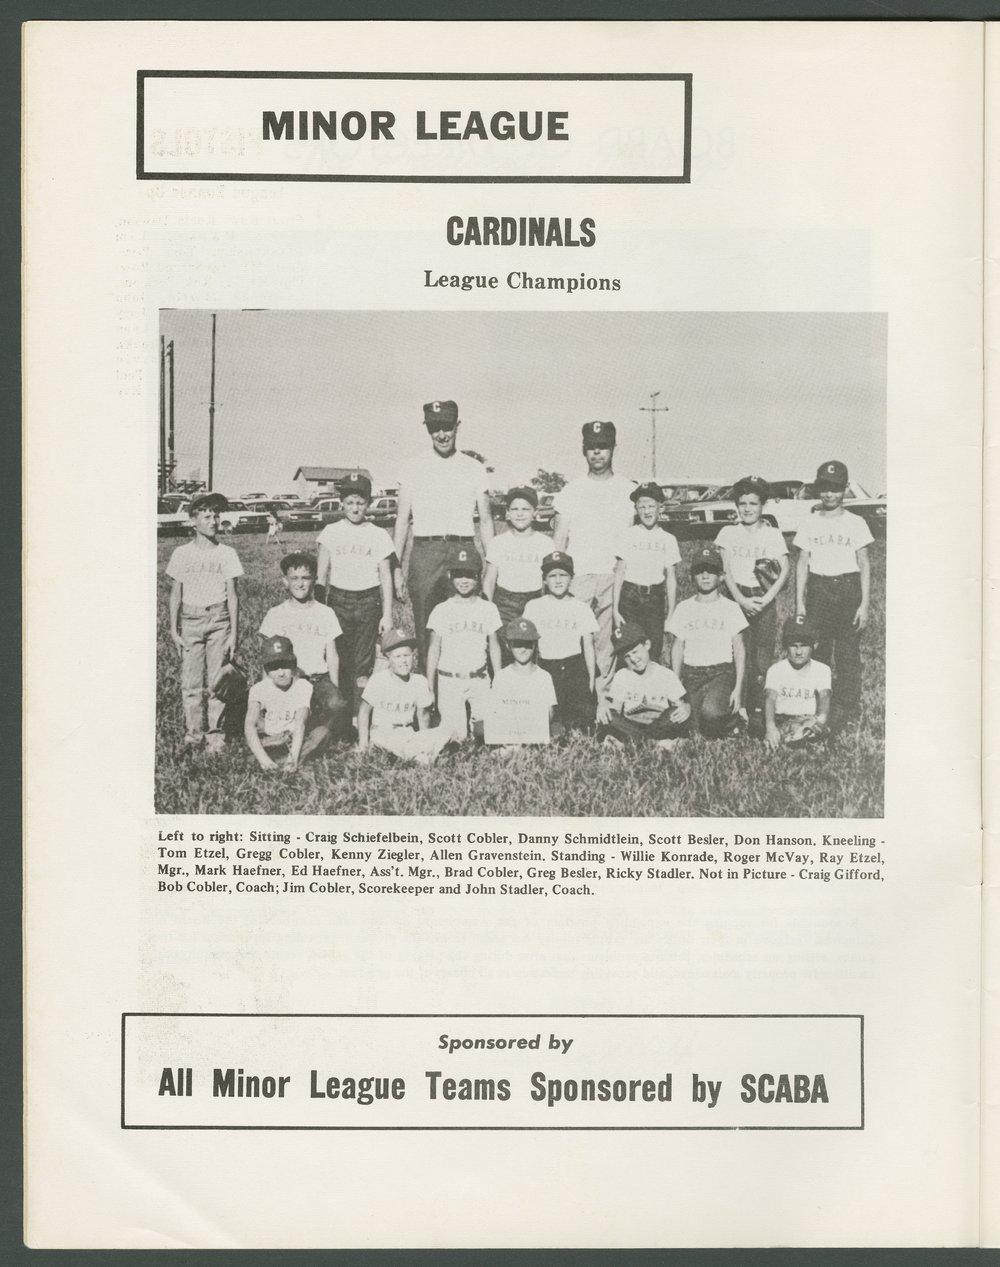 1969 SCABA baseball yearbook, Topeka, Kansas - 6